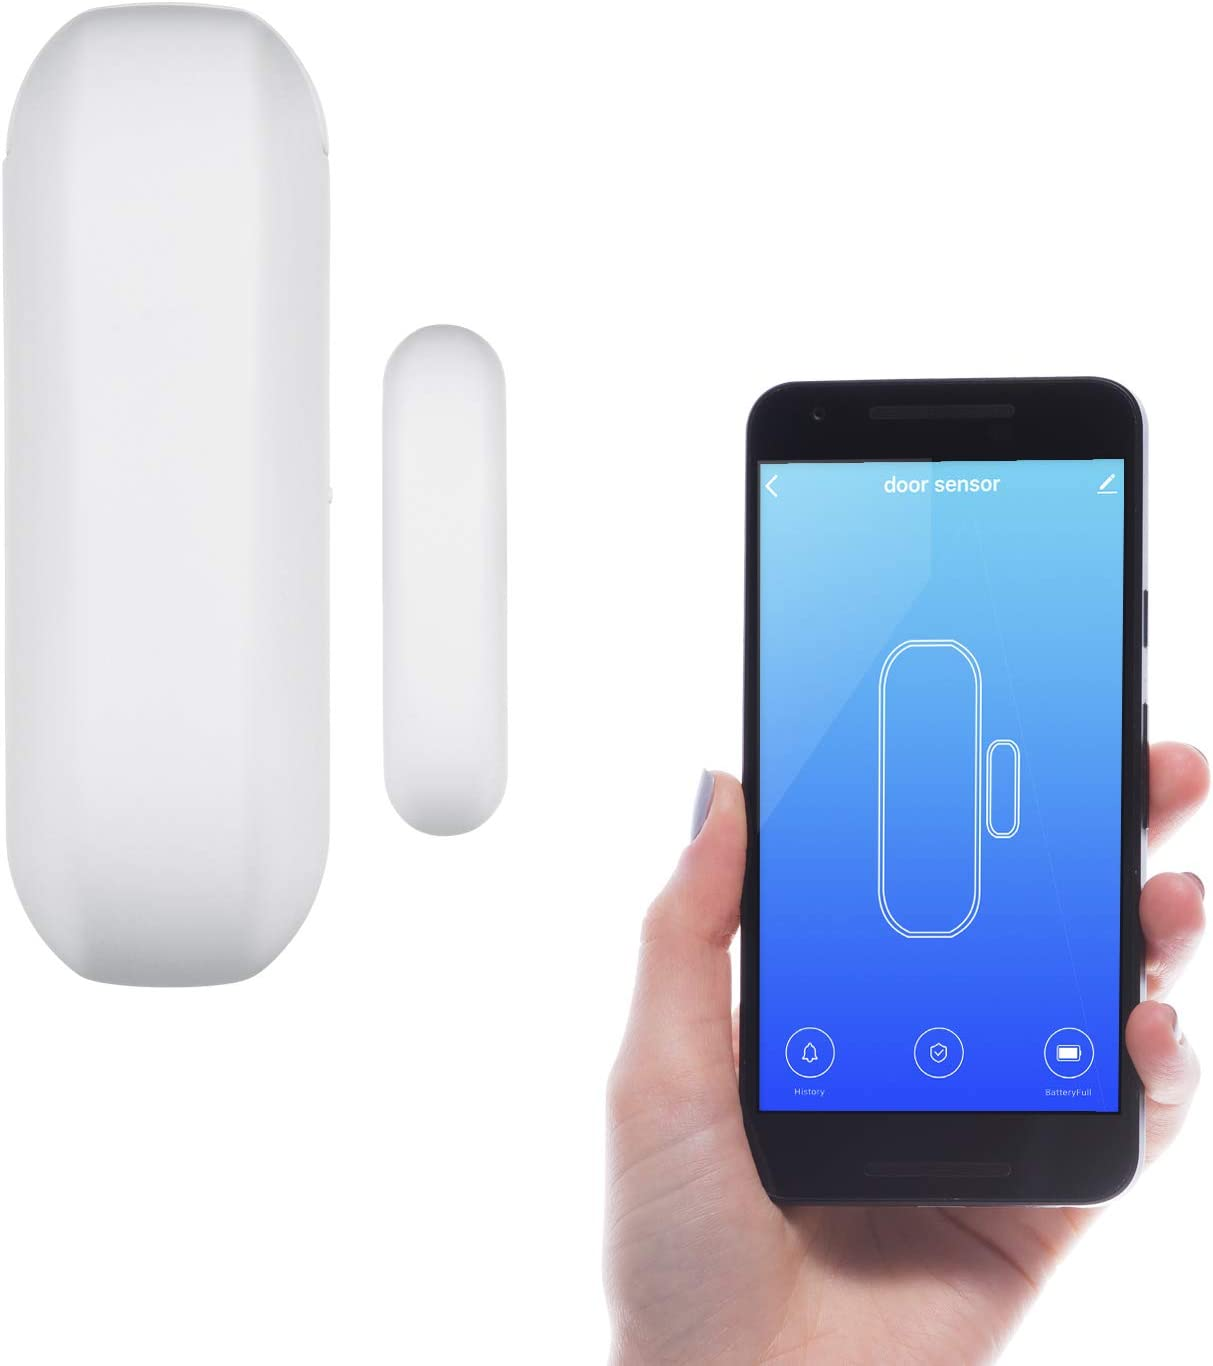 Wasserstein Smart Door Sensor - Door and Window Movement Detection and Home Automation